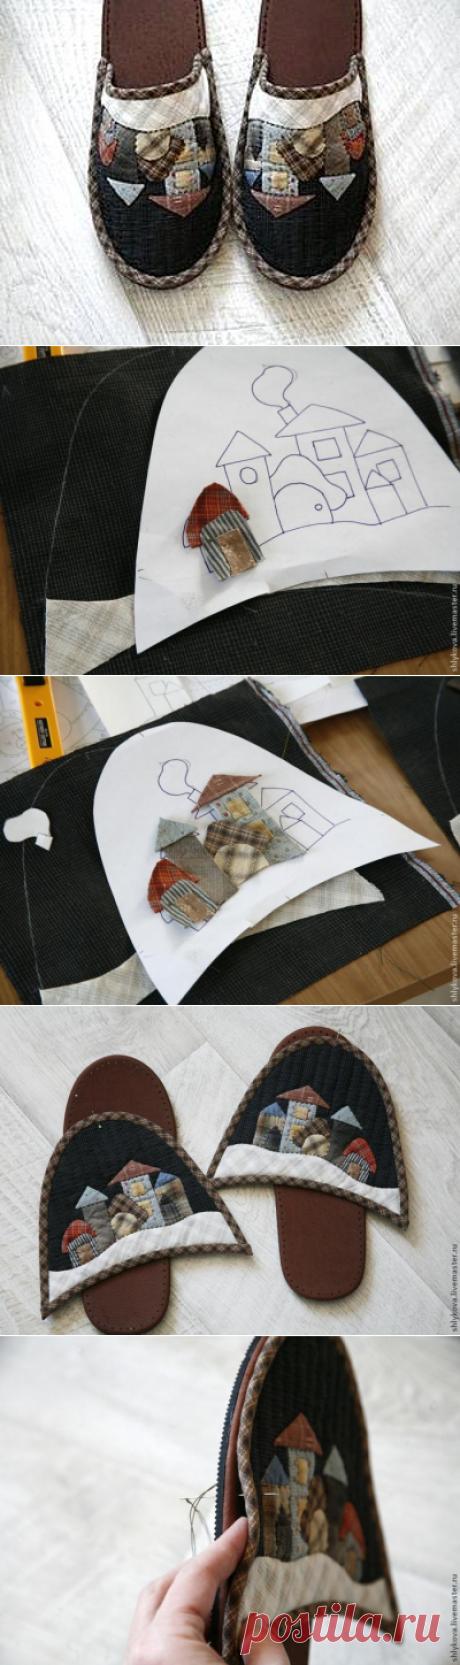 Как сшить уютные домашние тапочки. Автор мк Журавлик